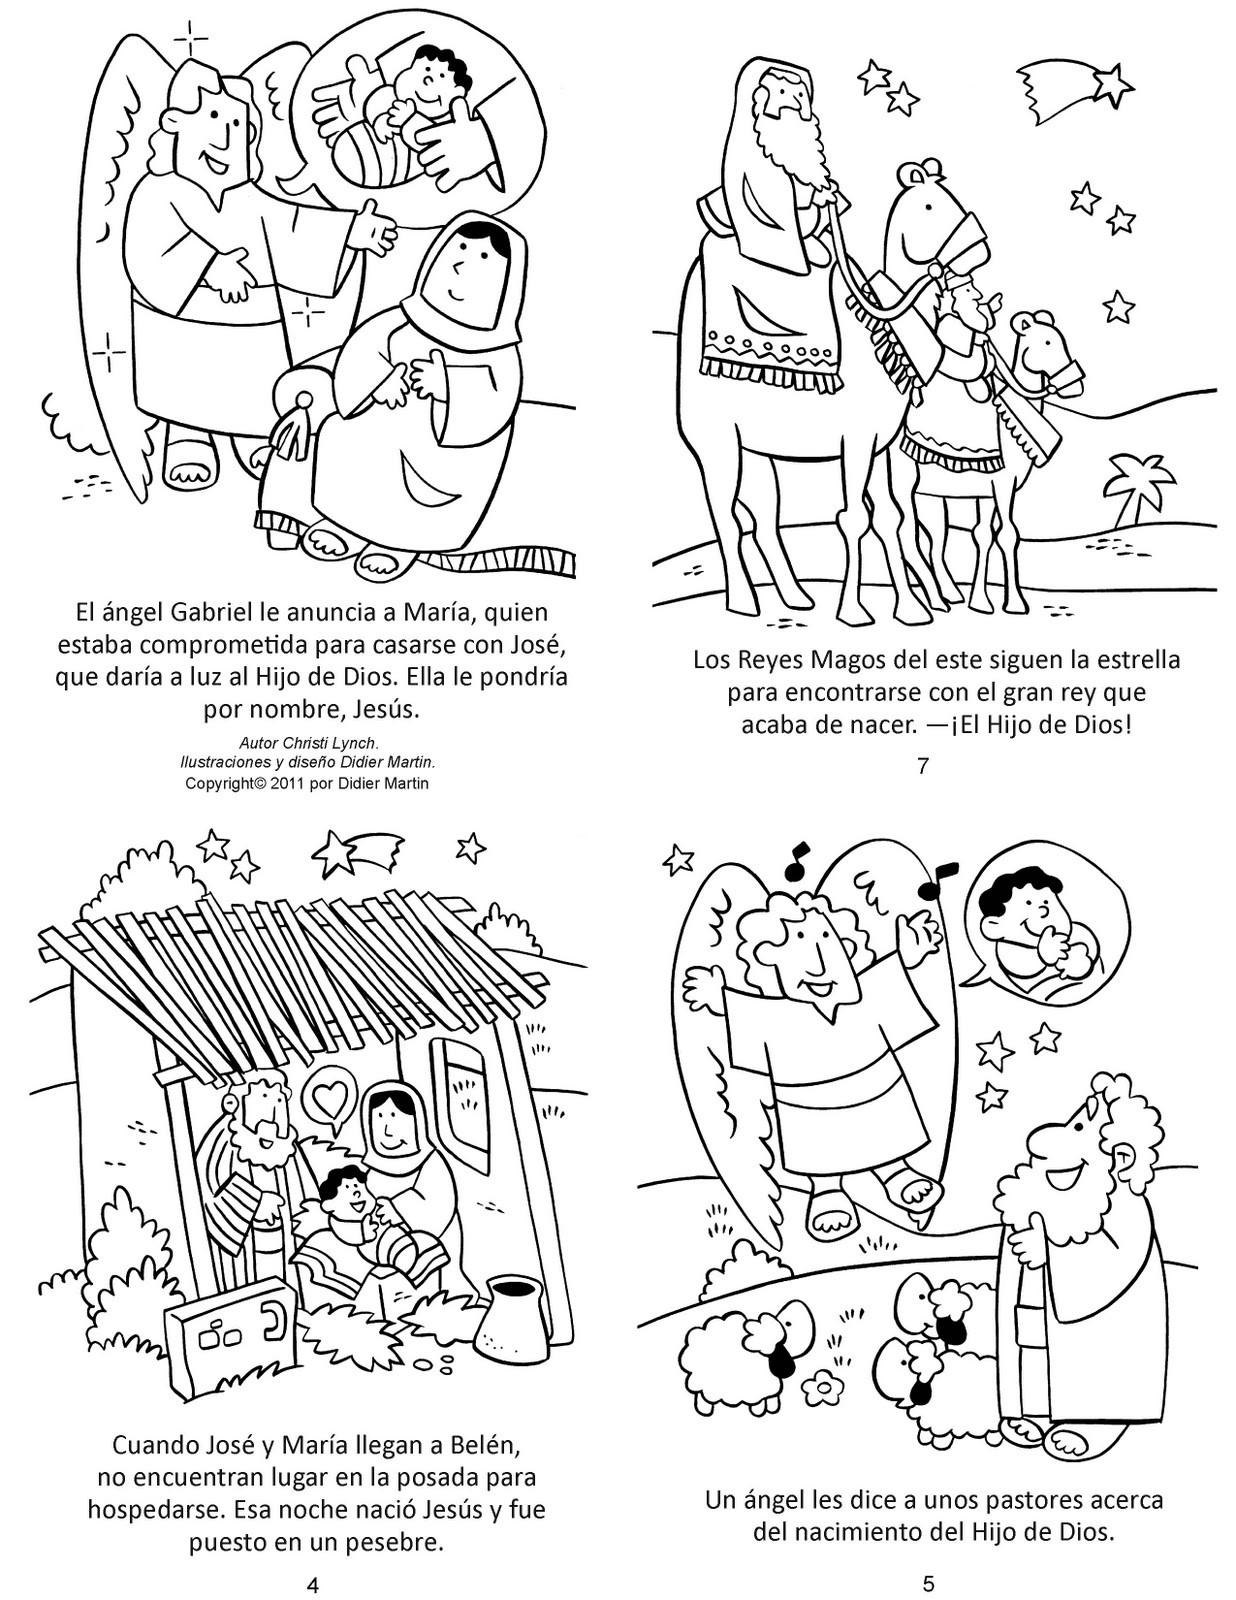 MISIONERAS DE JESšS SACERDOTE Colorear el coraz³n y en la parte de atrás escribir algo bonito que recuerden de alguna de las madres